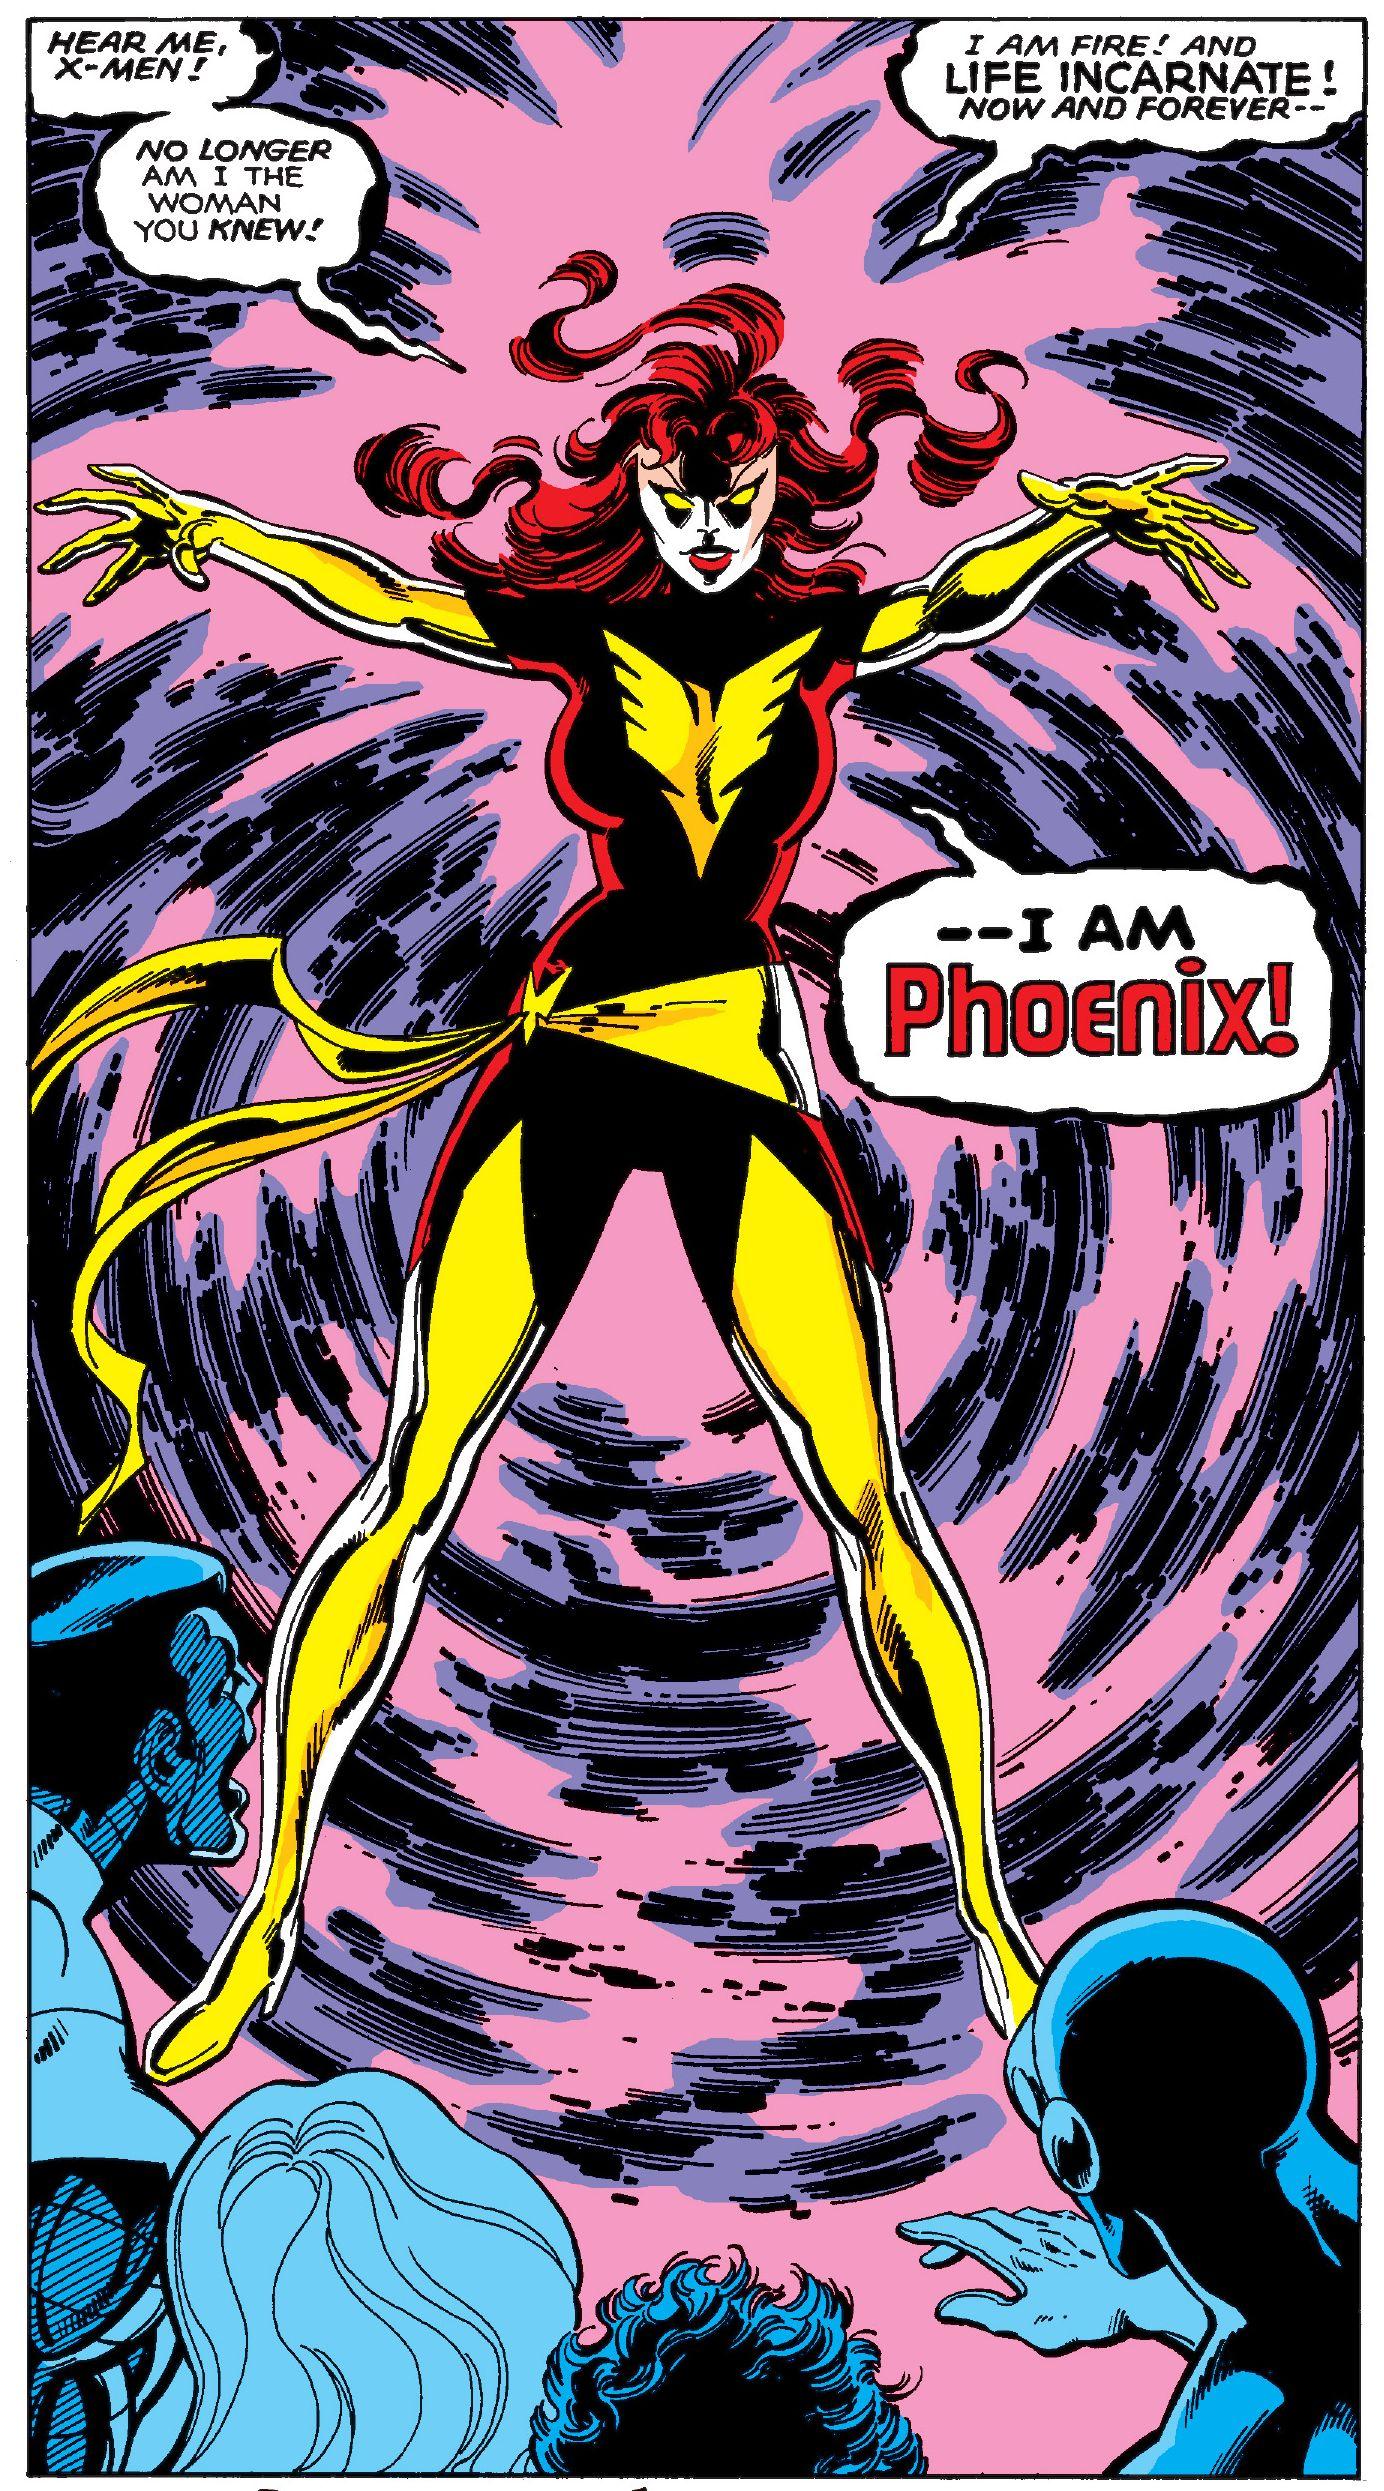 Uncanny X-Men  #134 (Marvel, June 1980), page 30